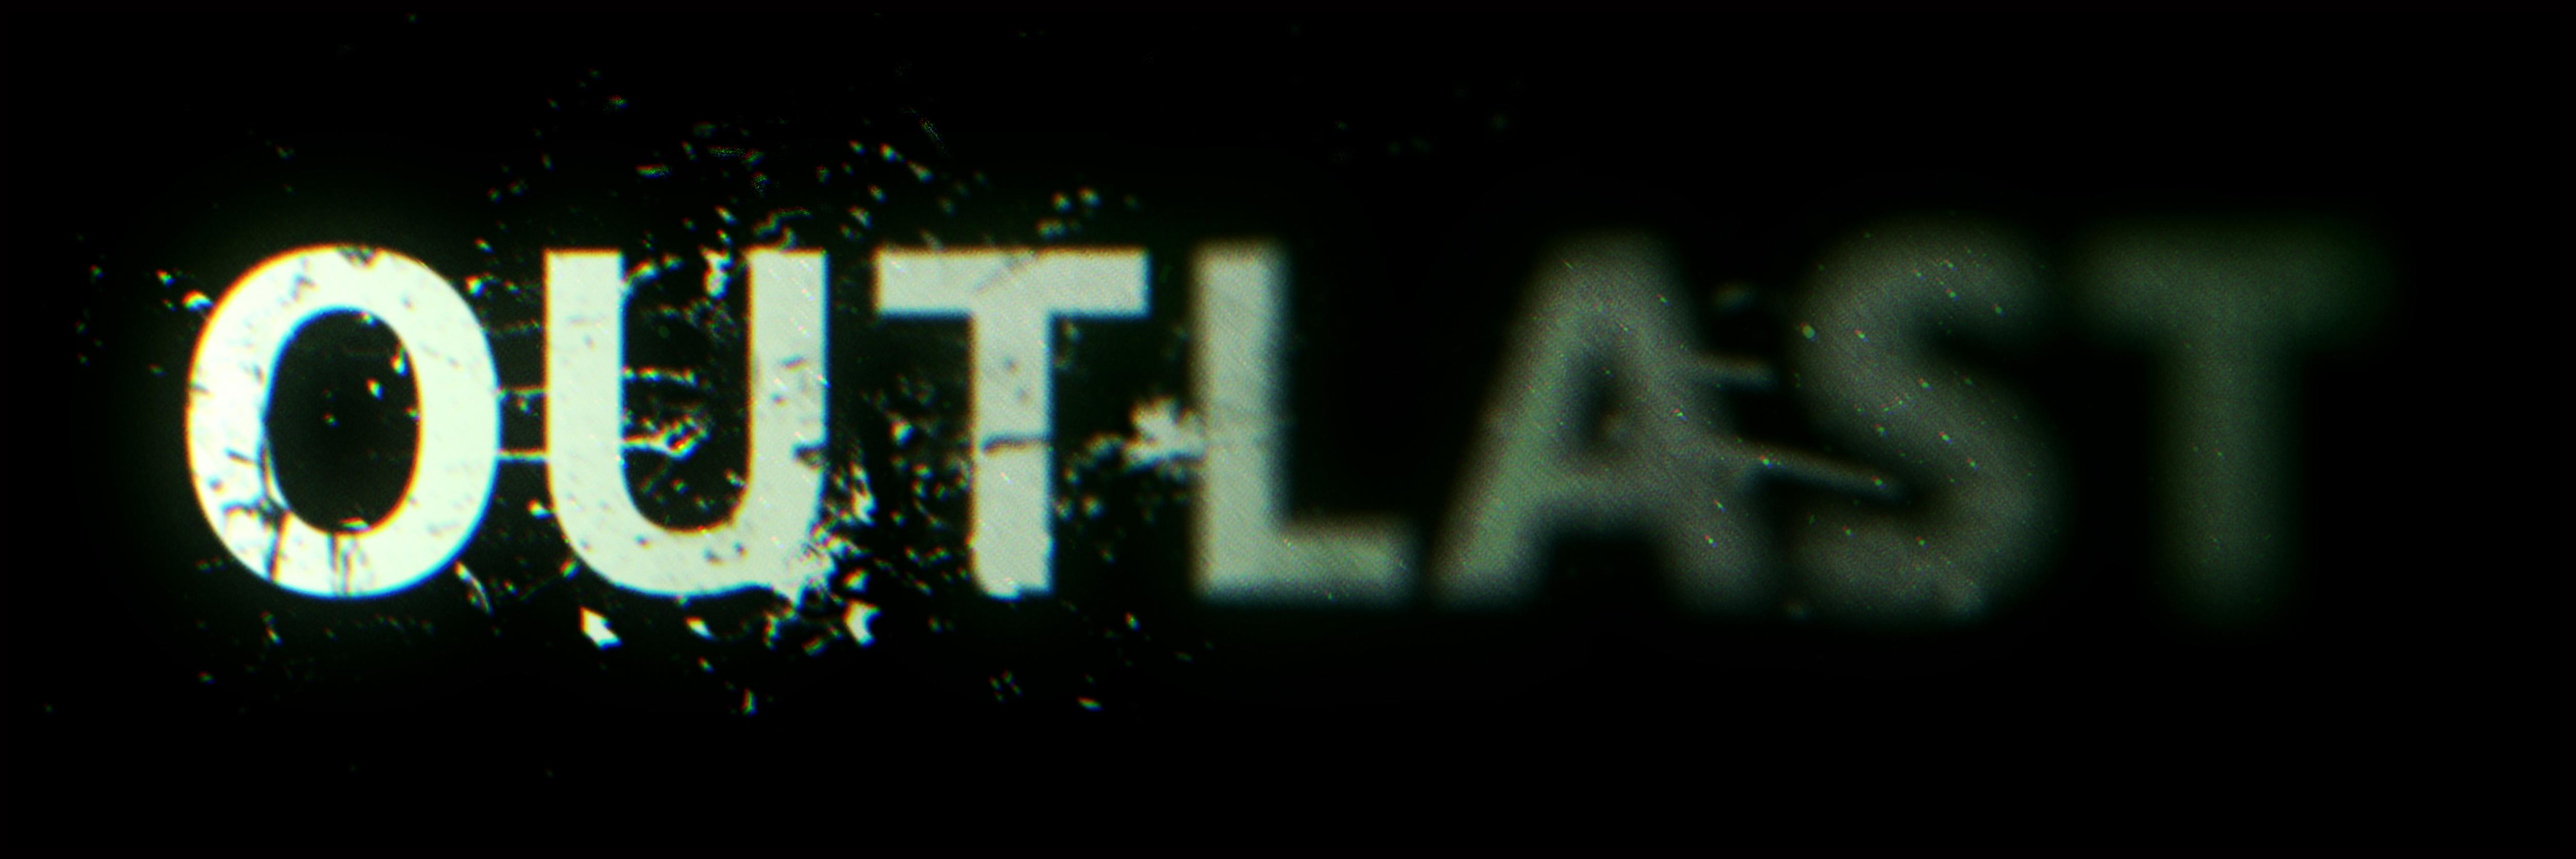 Plik:LogoOutlast.jpg